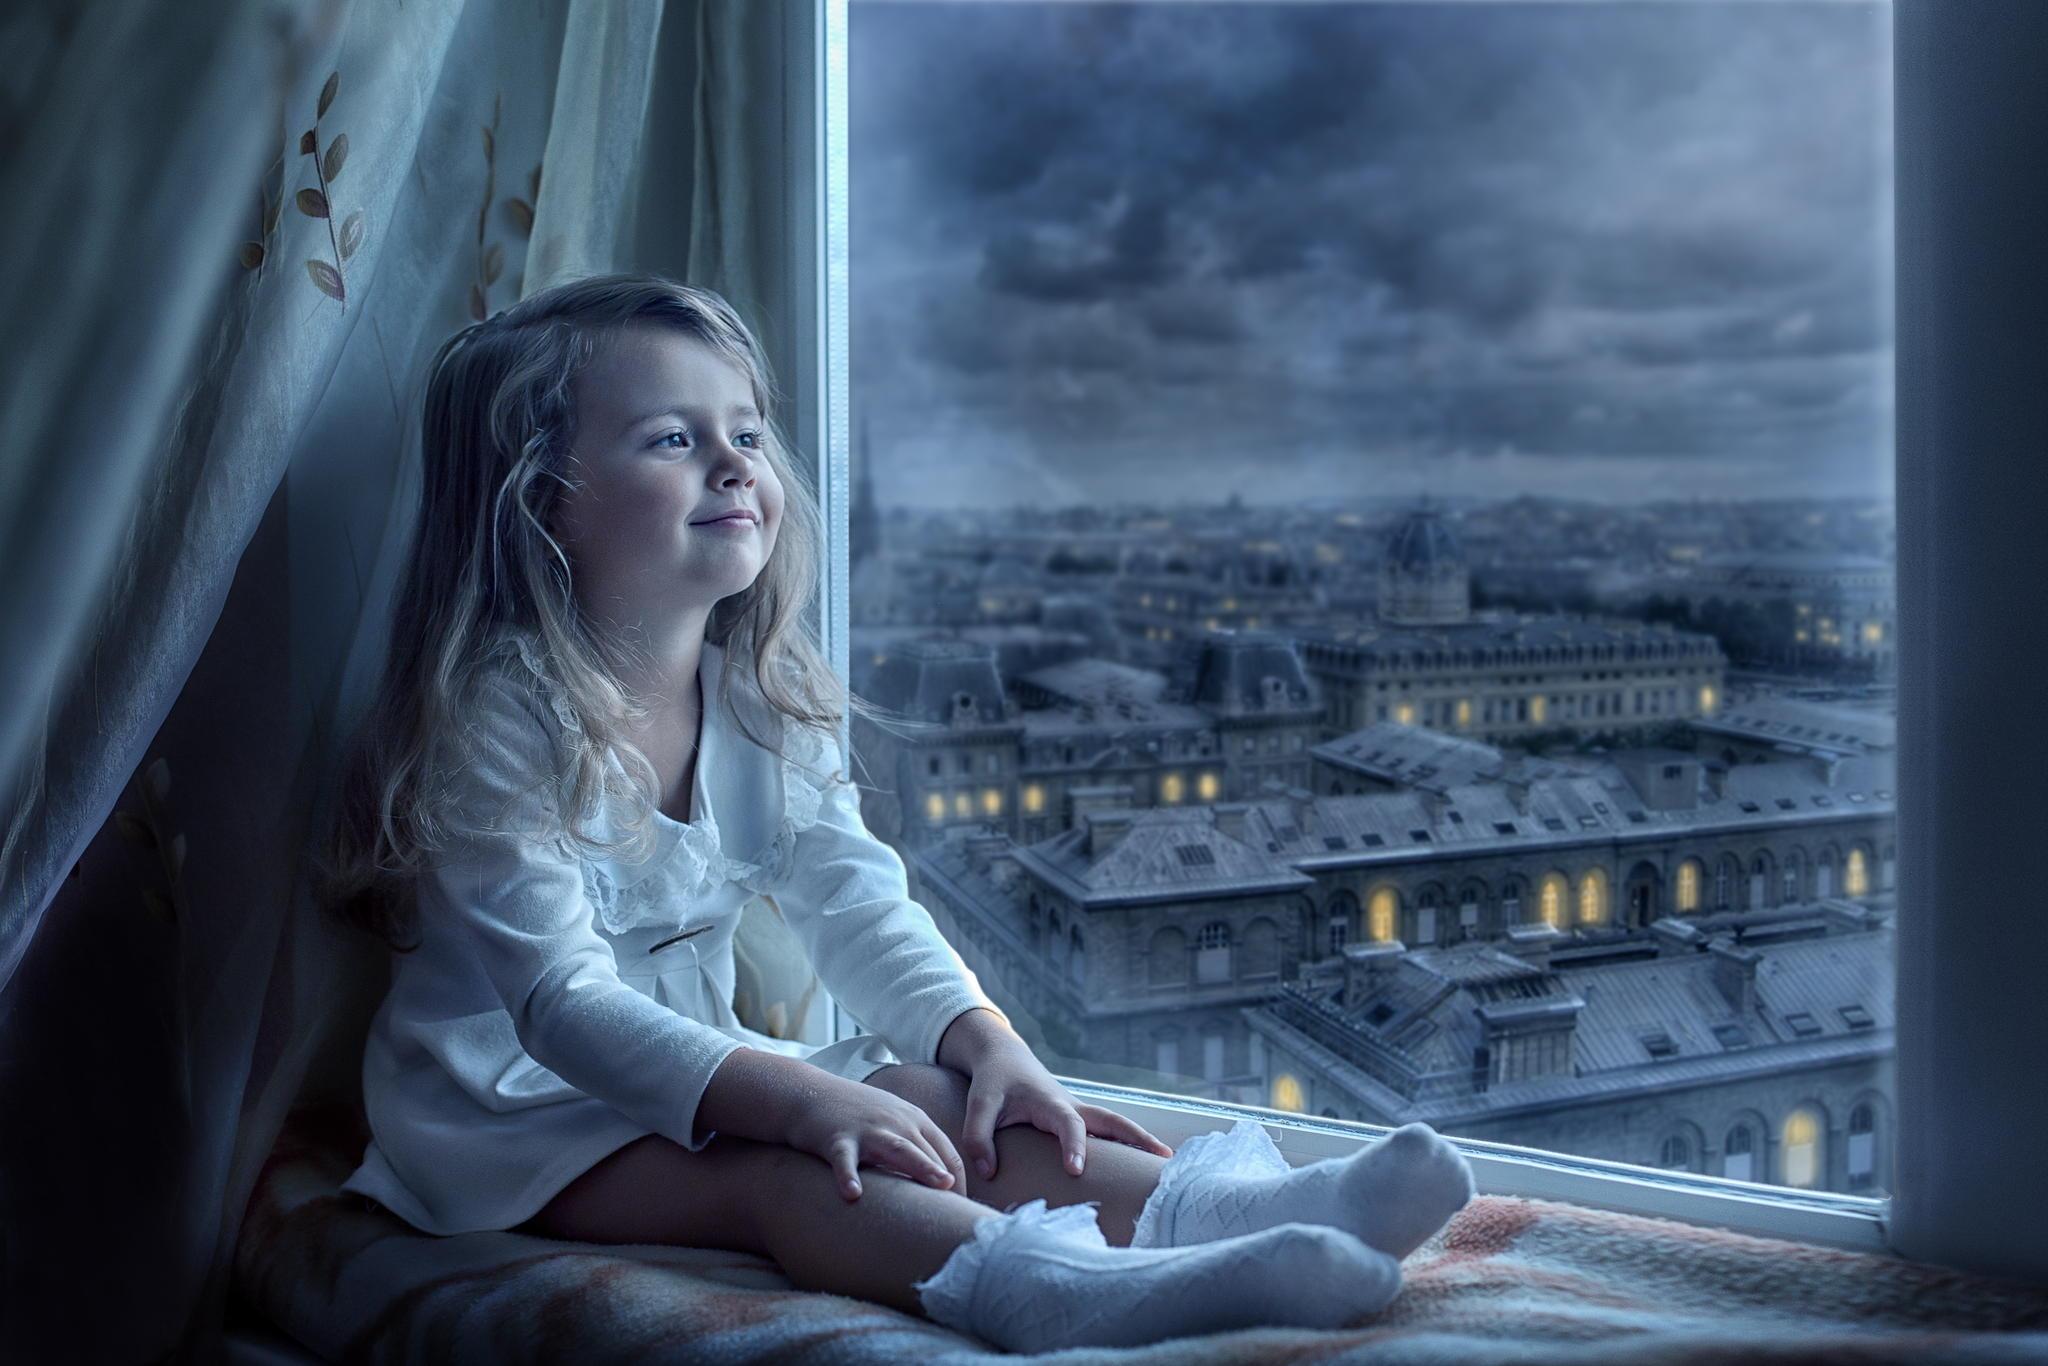 картинки мечтая каждый день о чуде мы забываем об одном перспективной, прежде всего